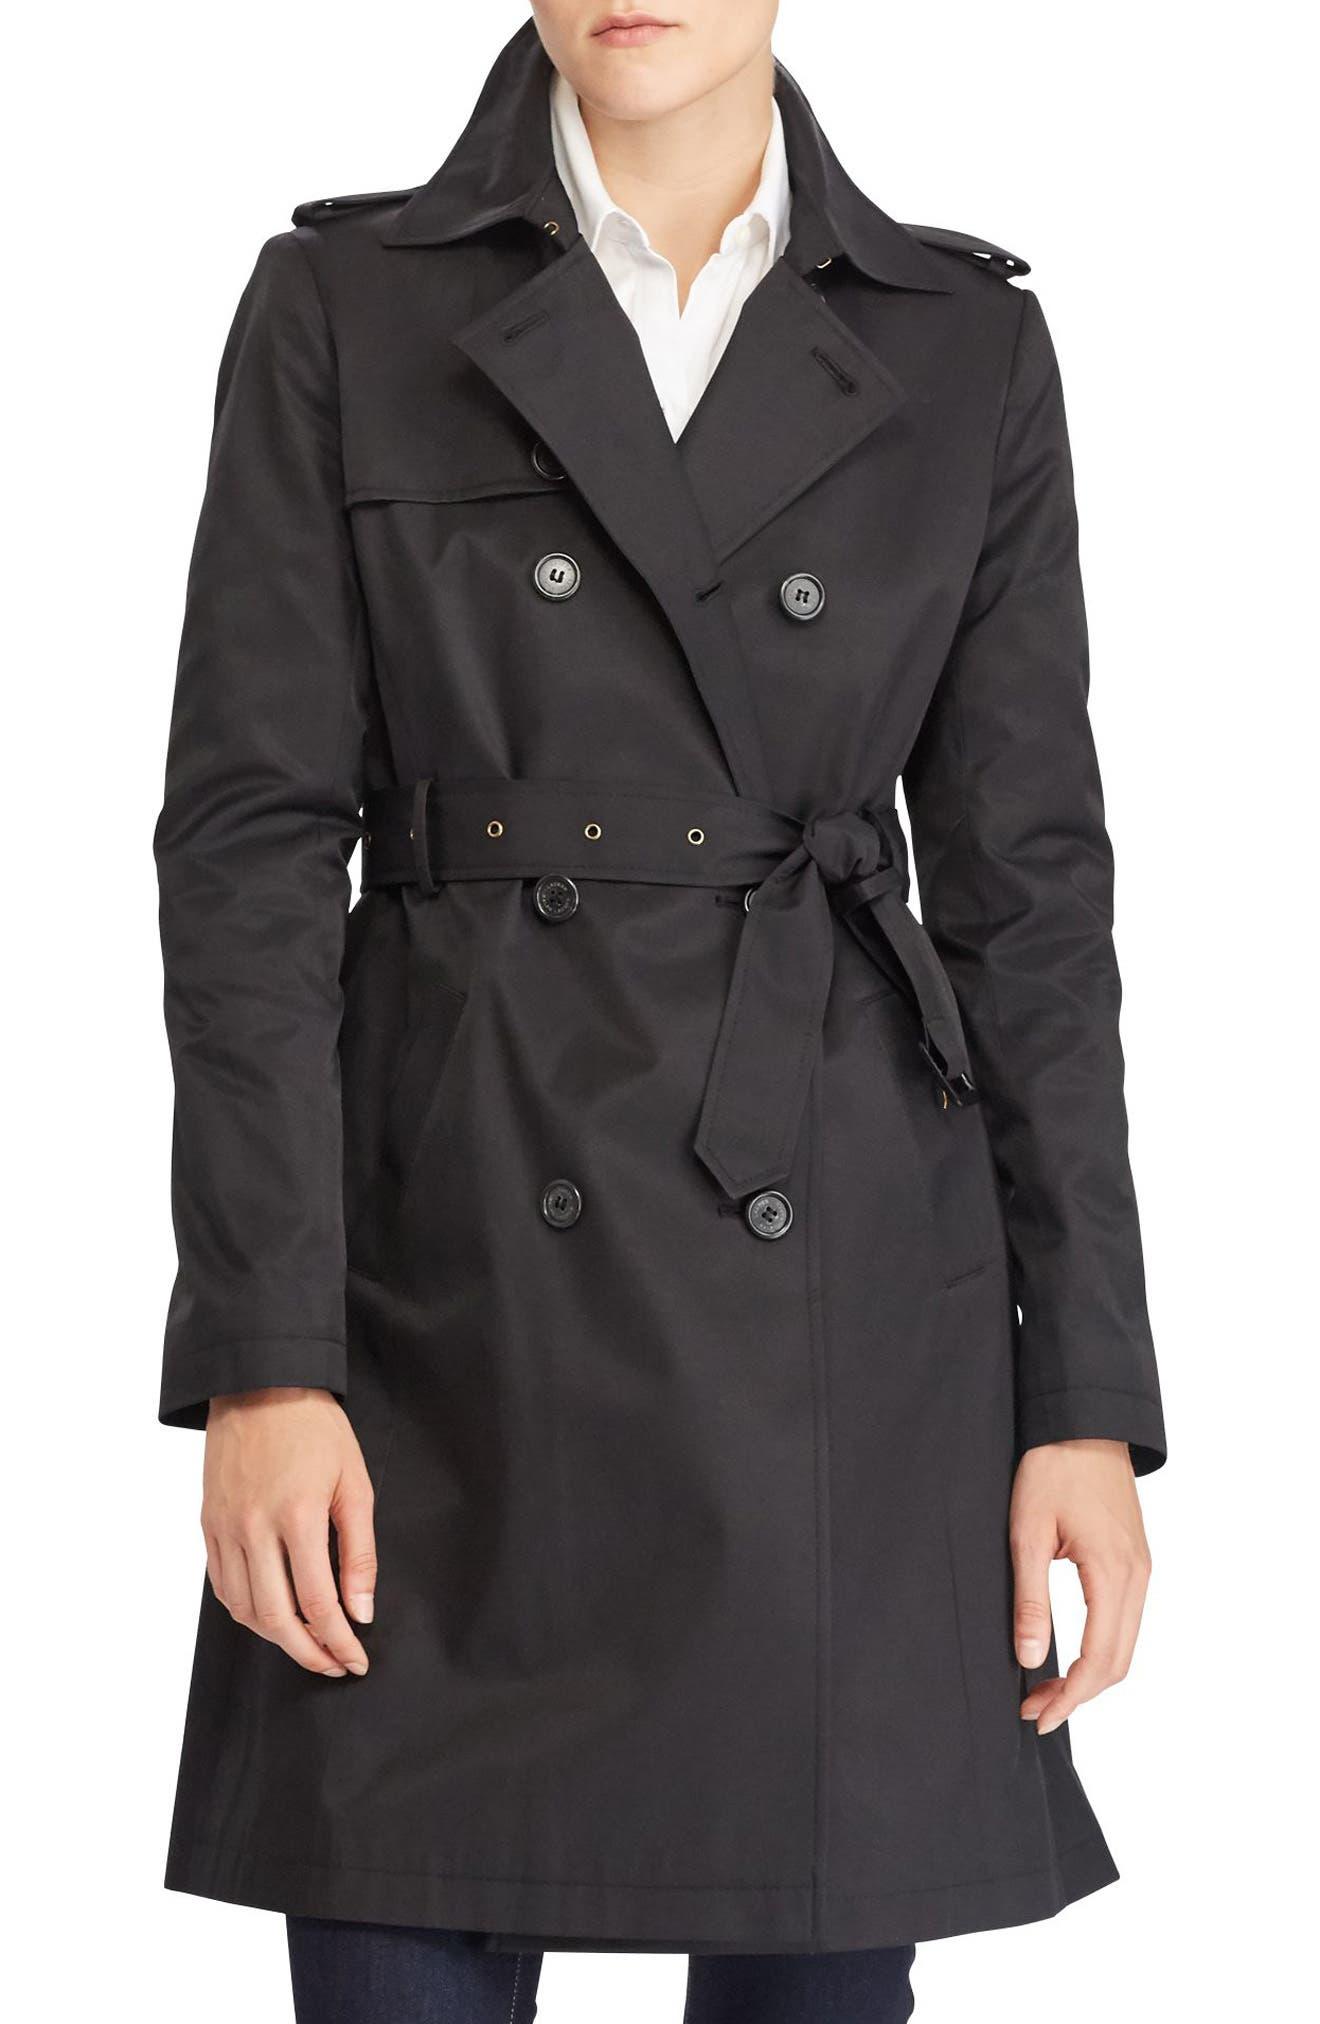 Alternate Image 1 Selected - Lauren Ralph Lauren Double Breasted Trench Coat